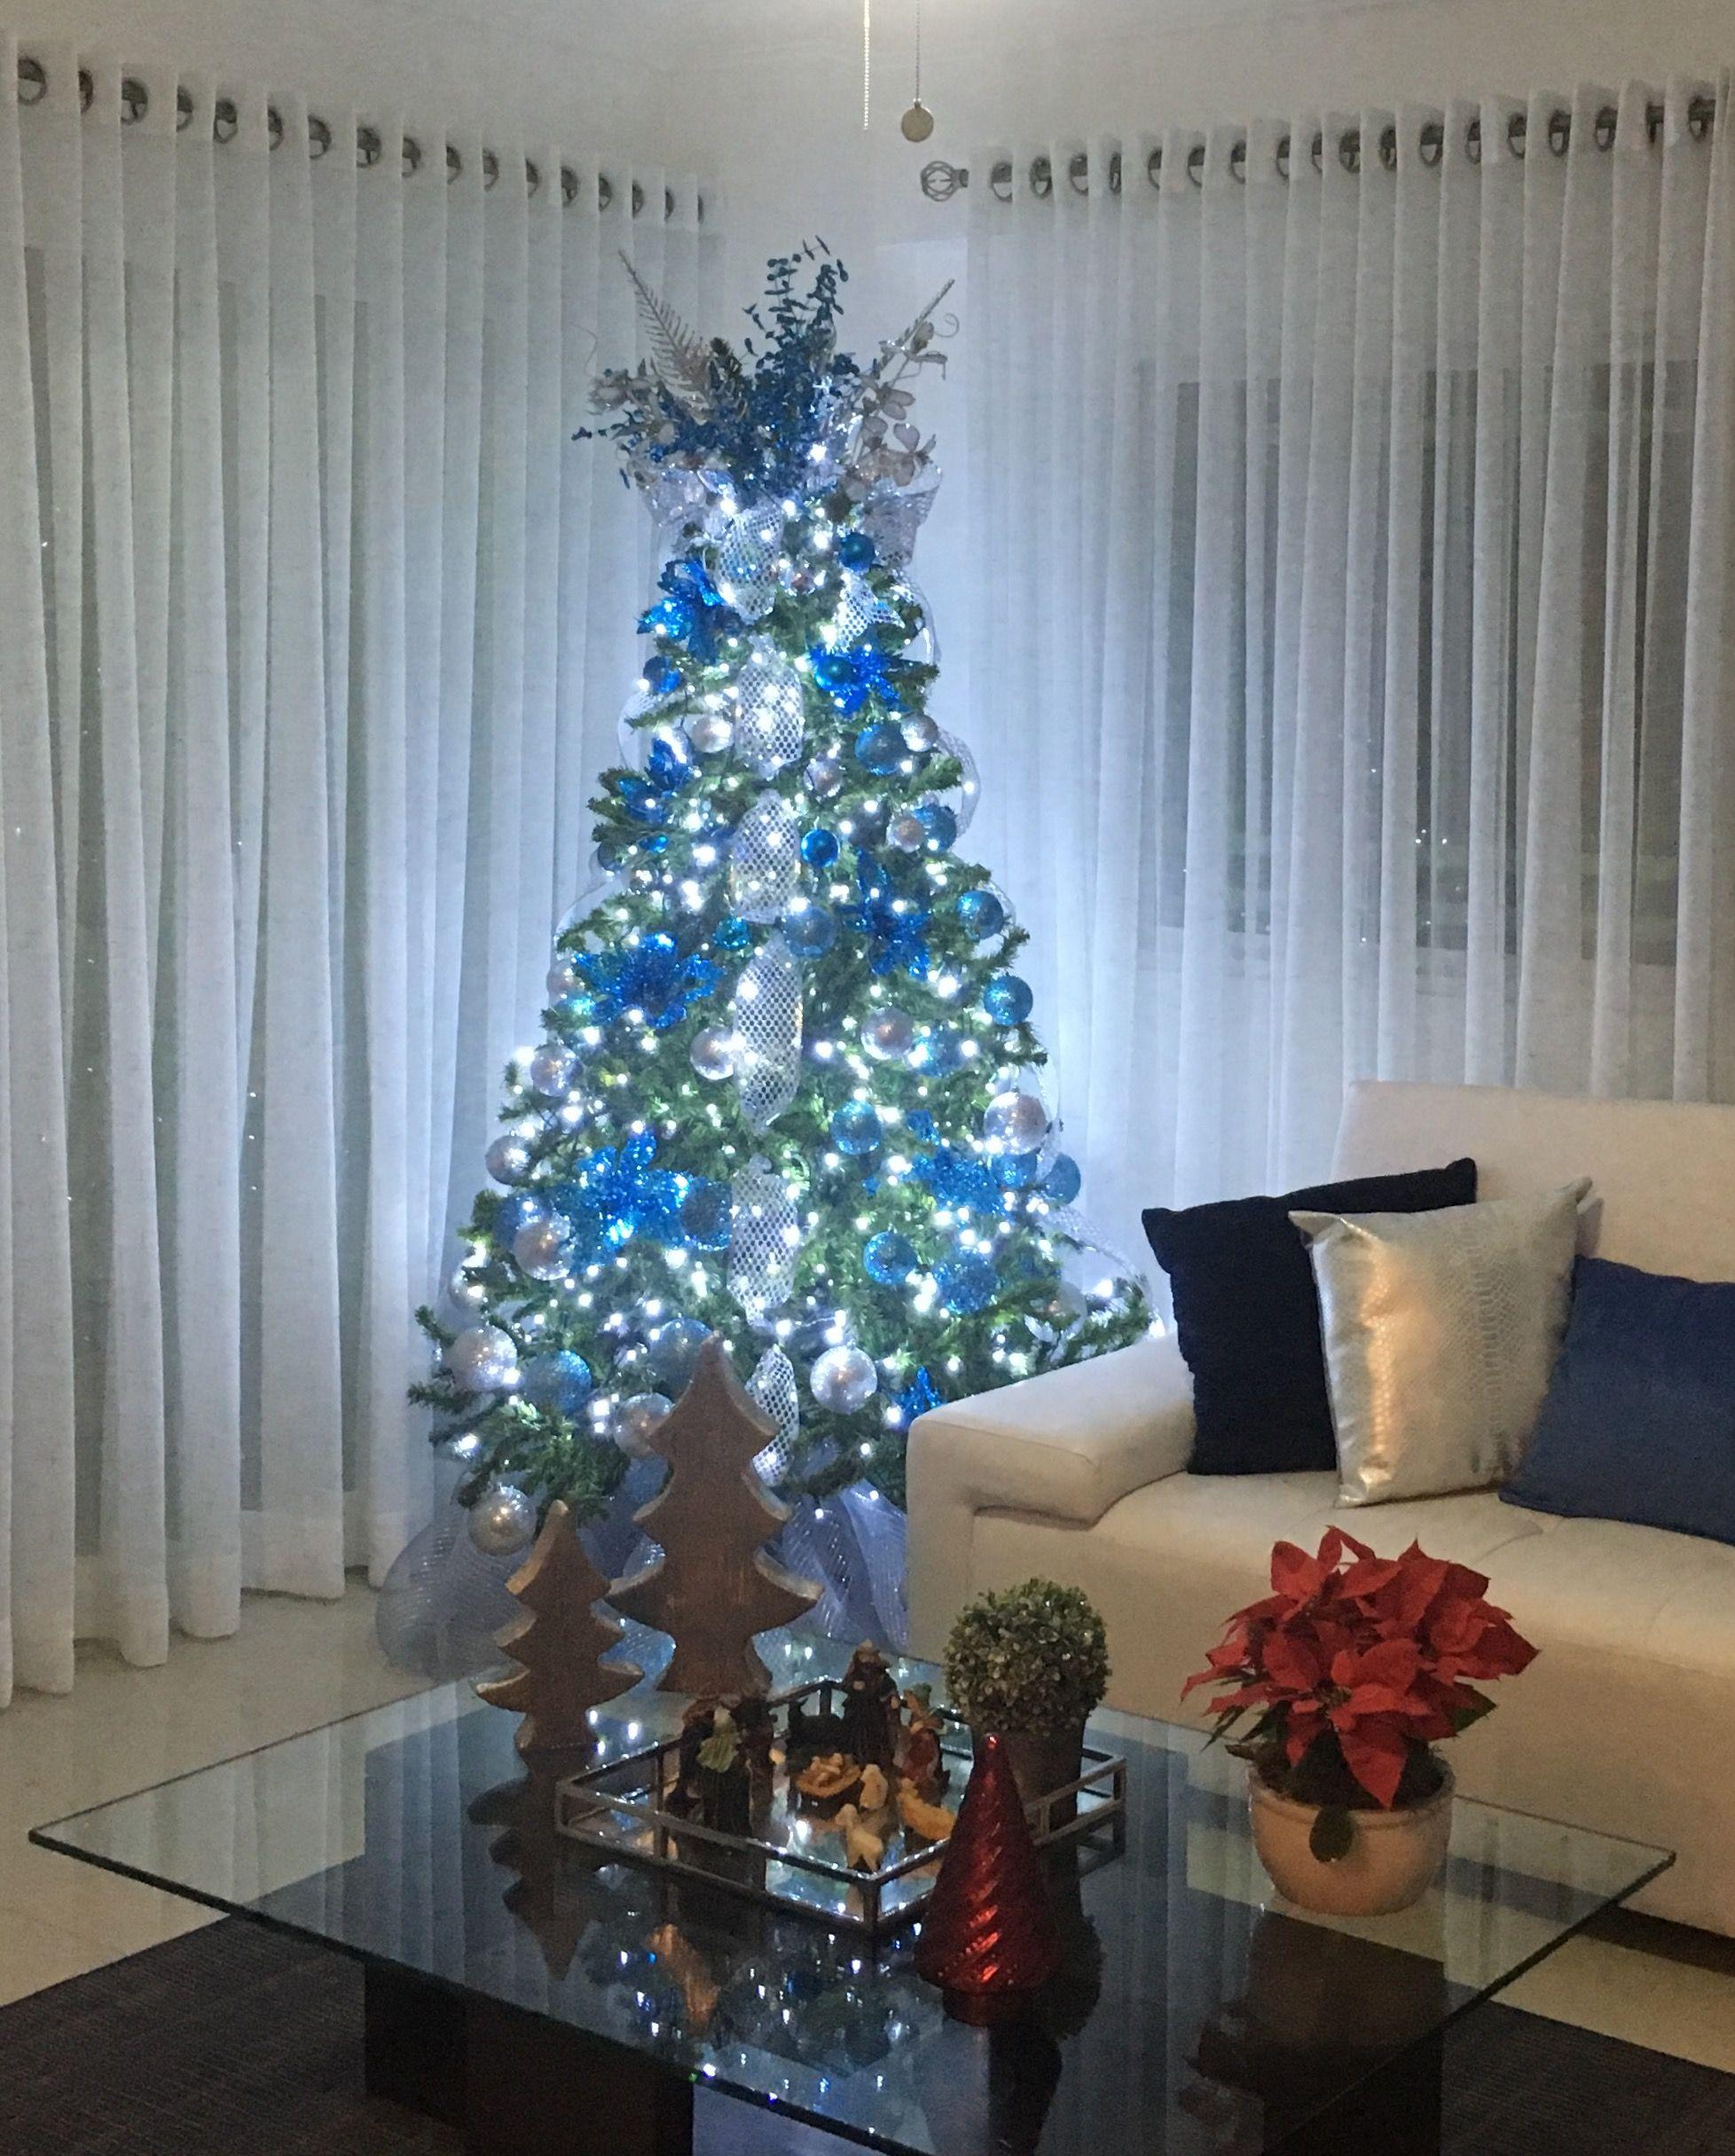 Pin de johanna alcantara en adornos rboles de navidad - Arboles de navidad manualidades navidenas ...